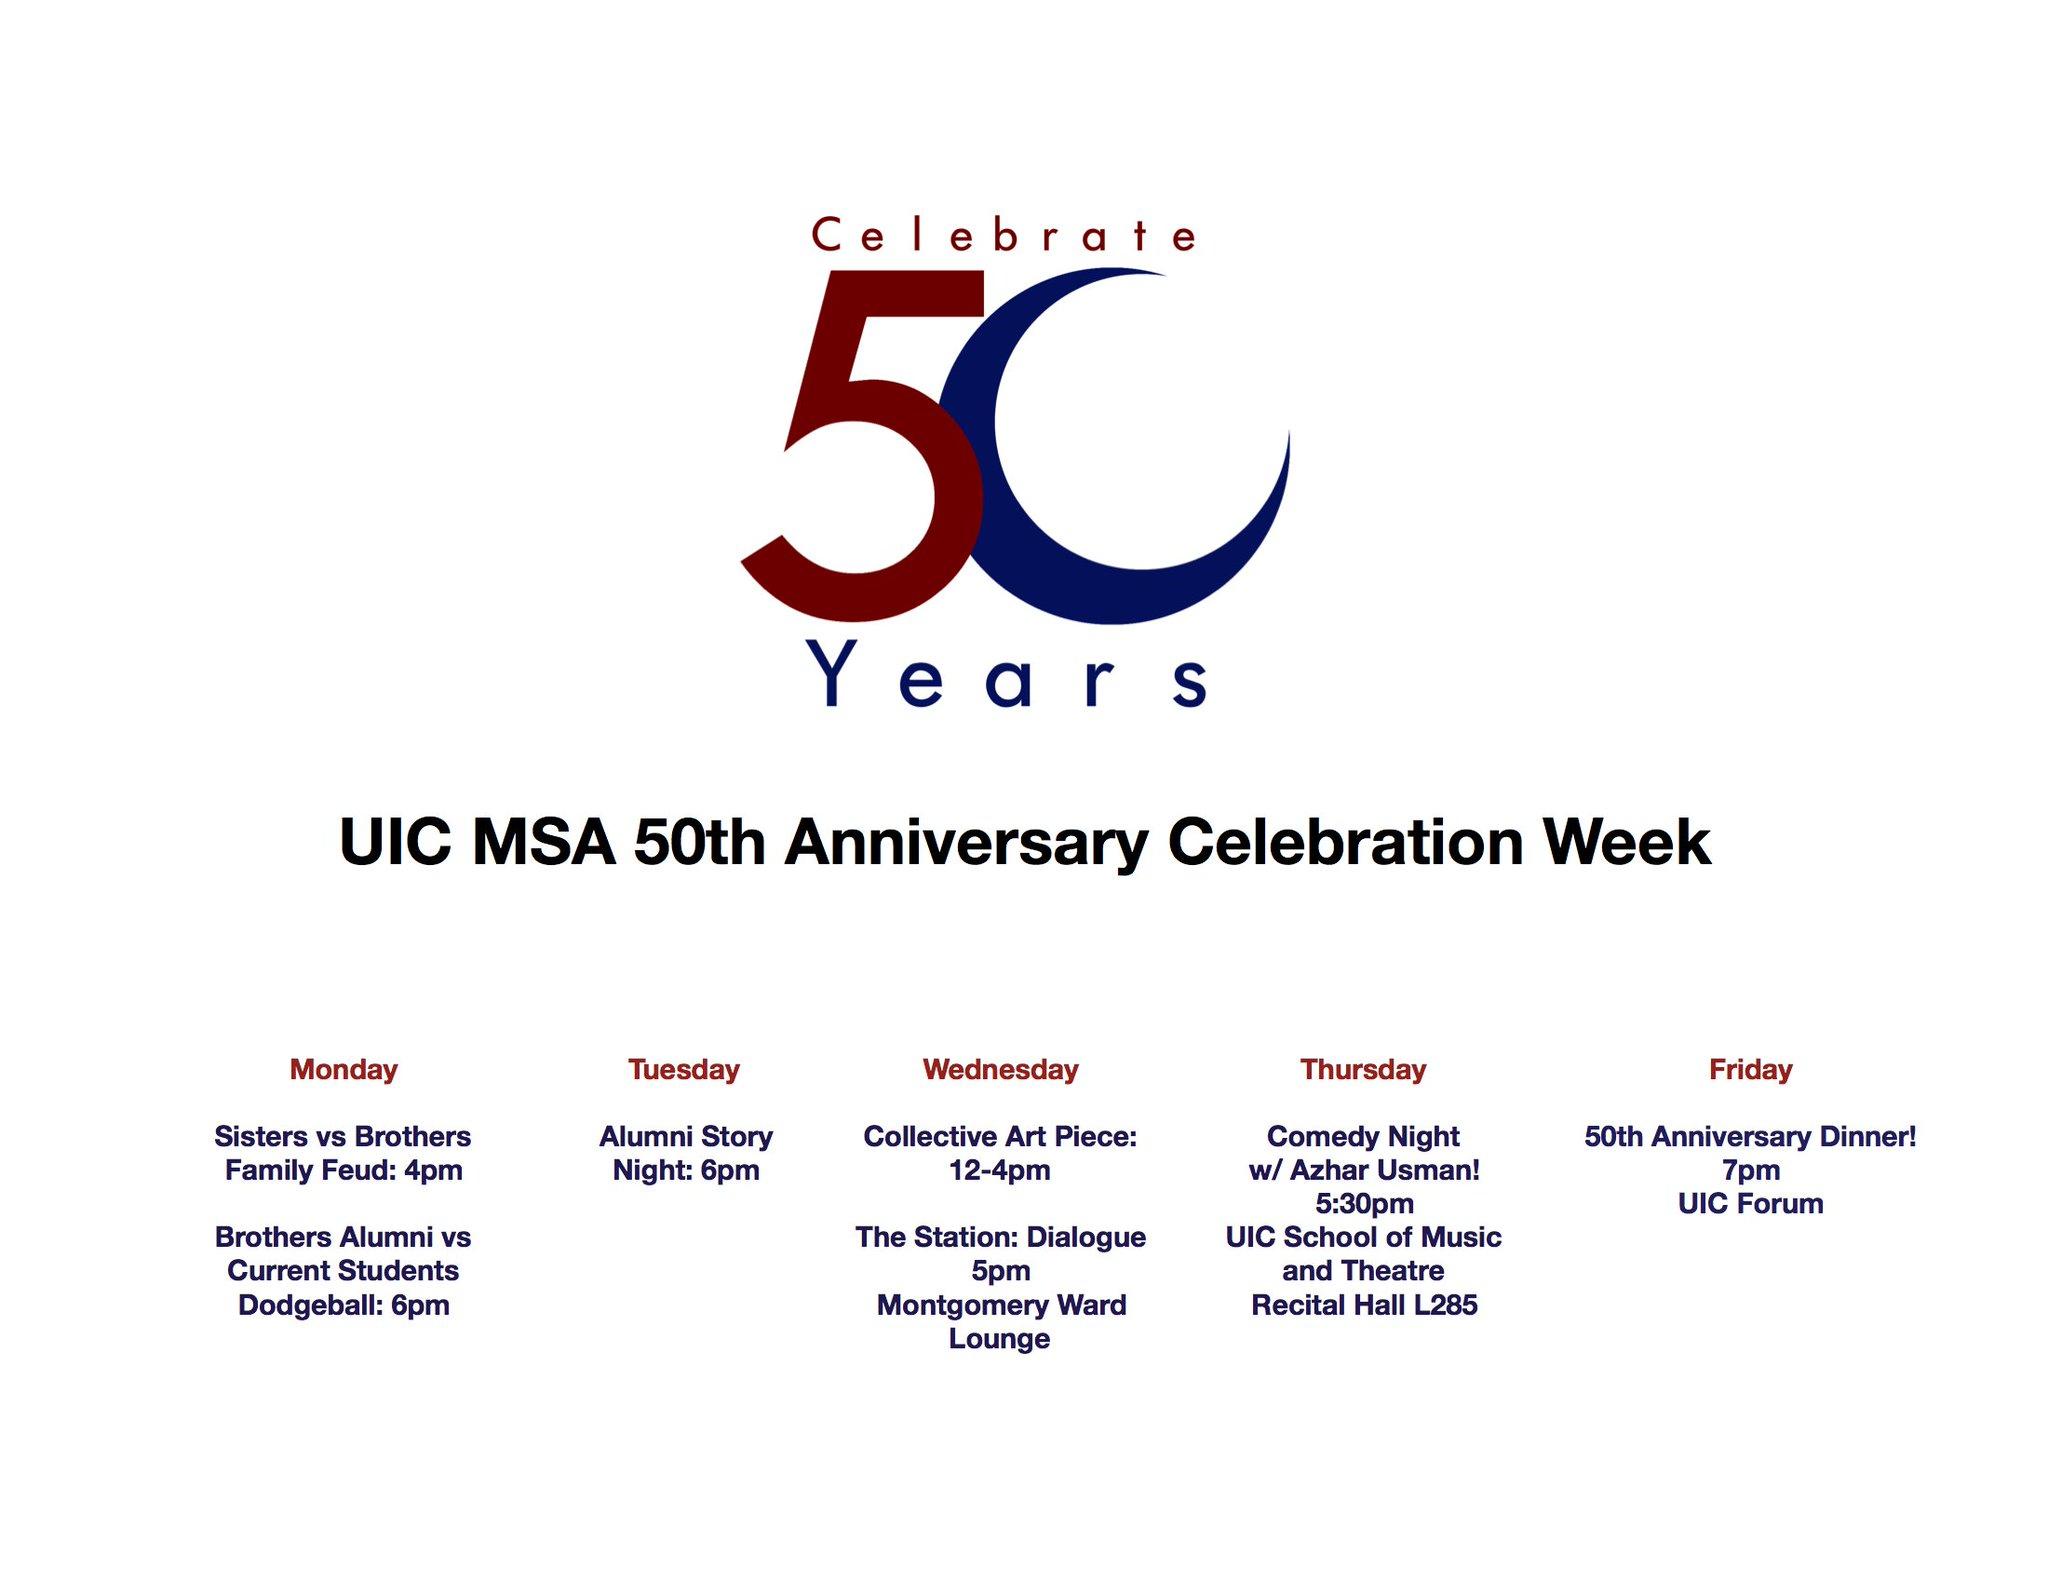 uic 50th anniversary